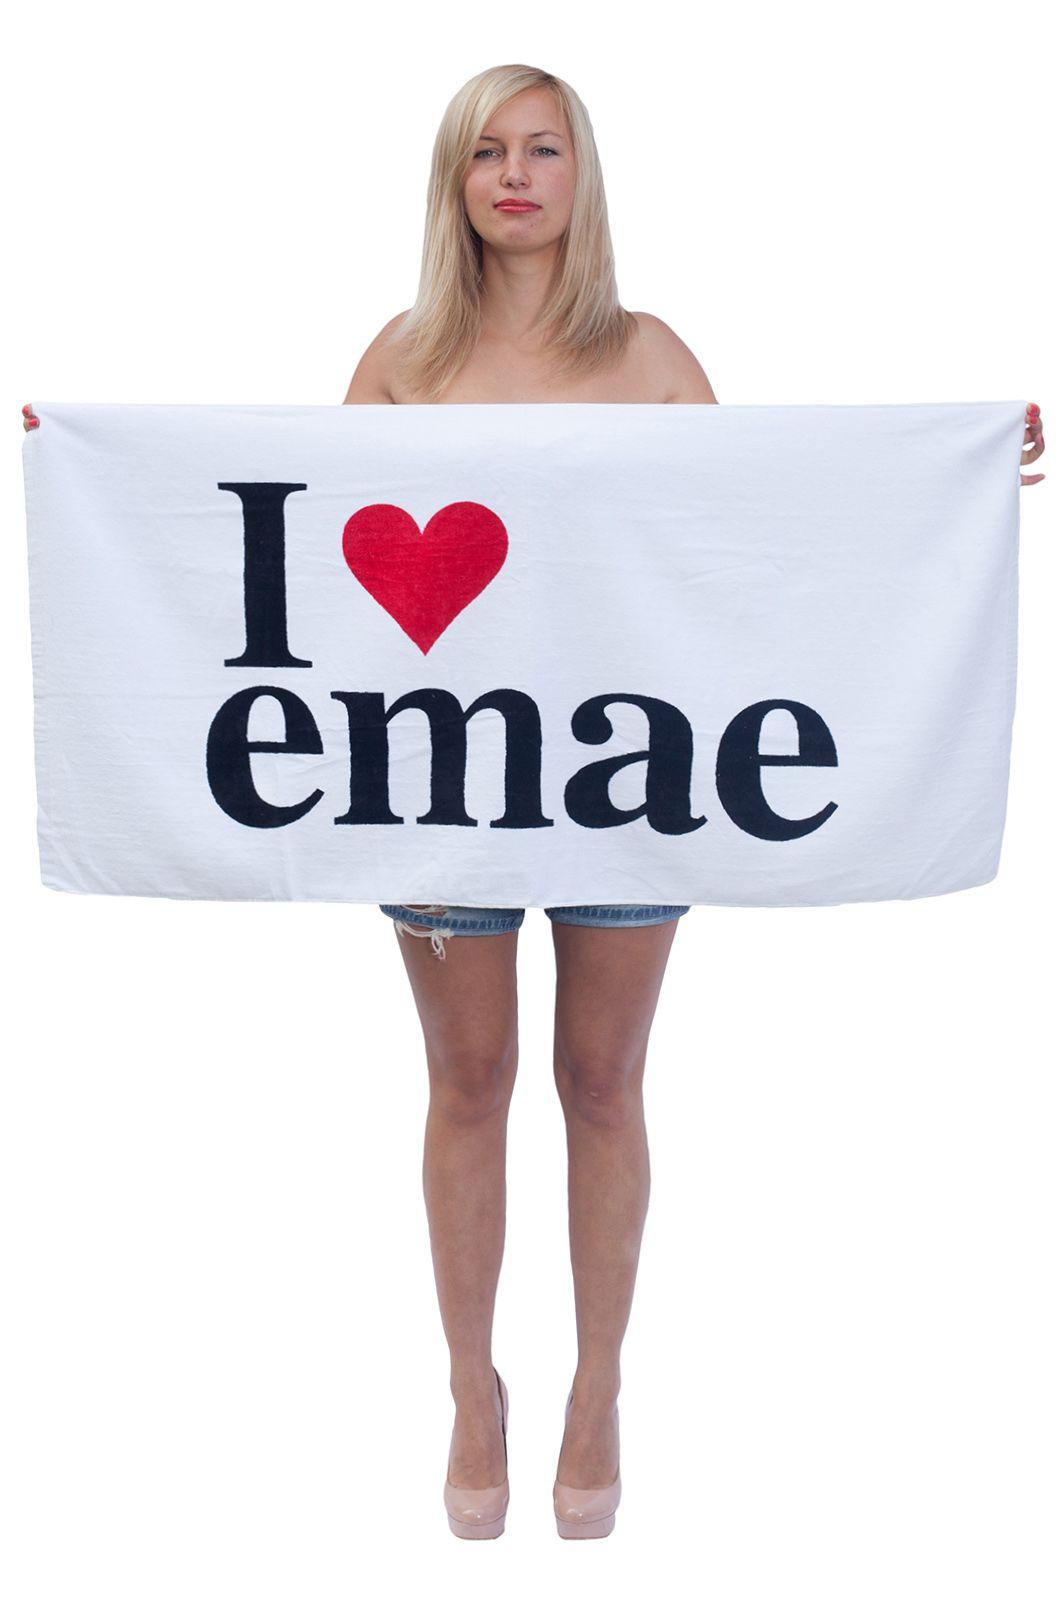 Полотенце Емое - купить в интернет-магазине